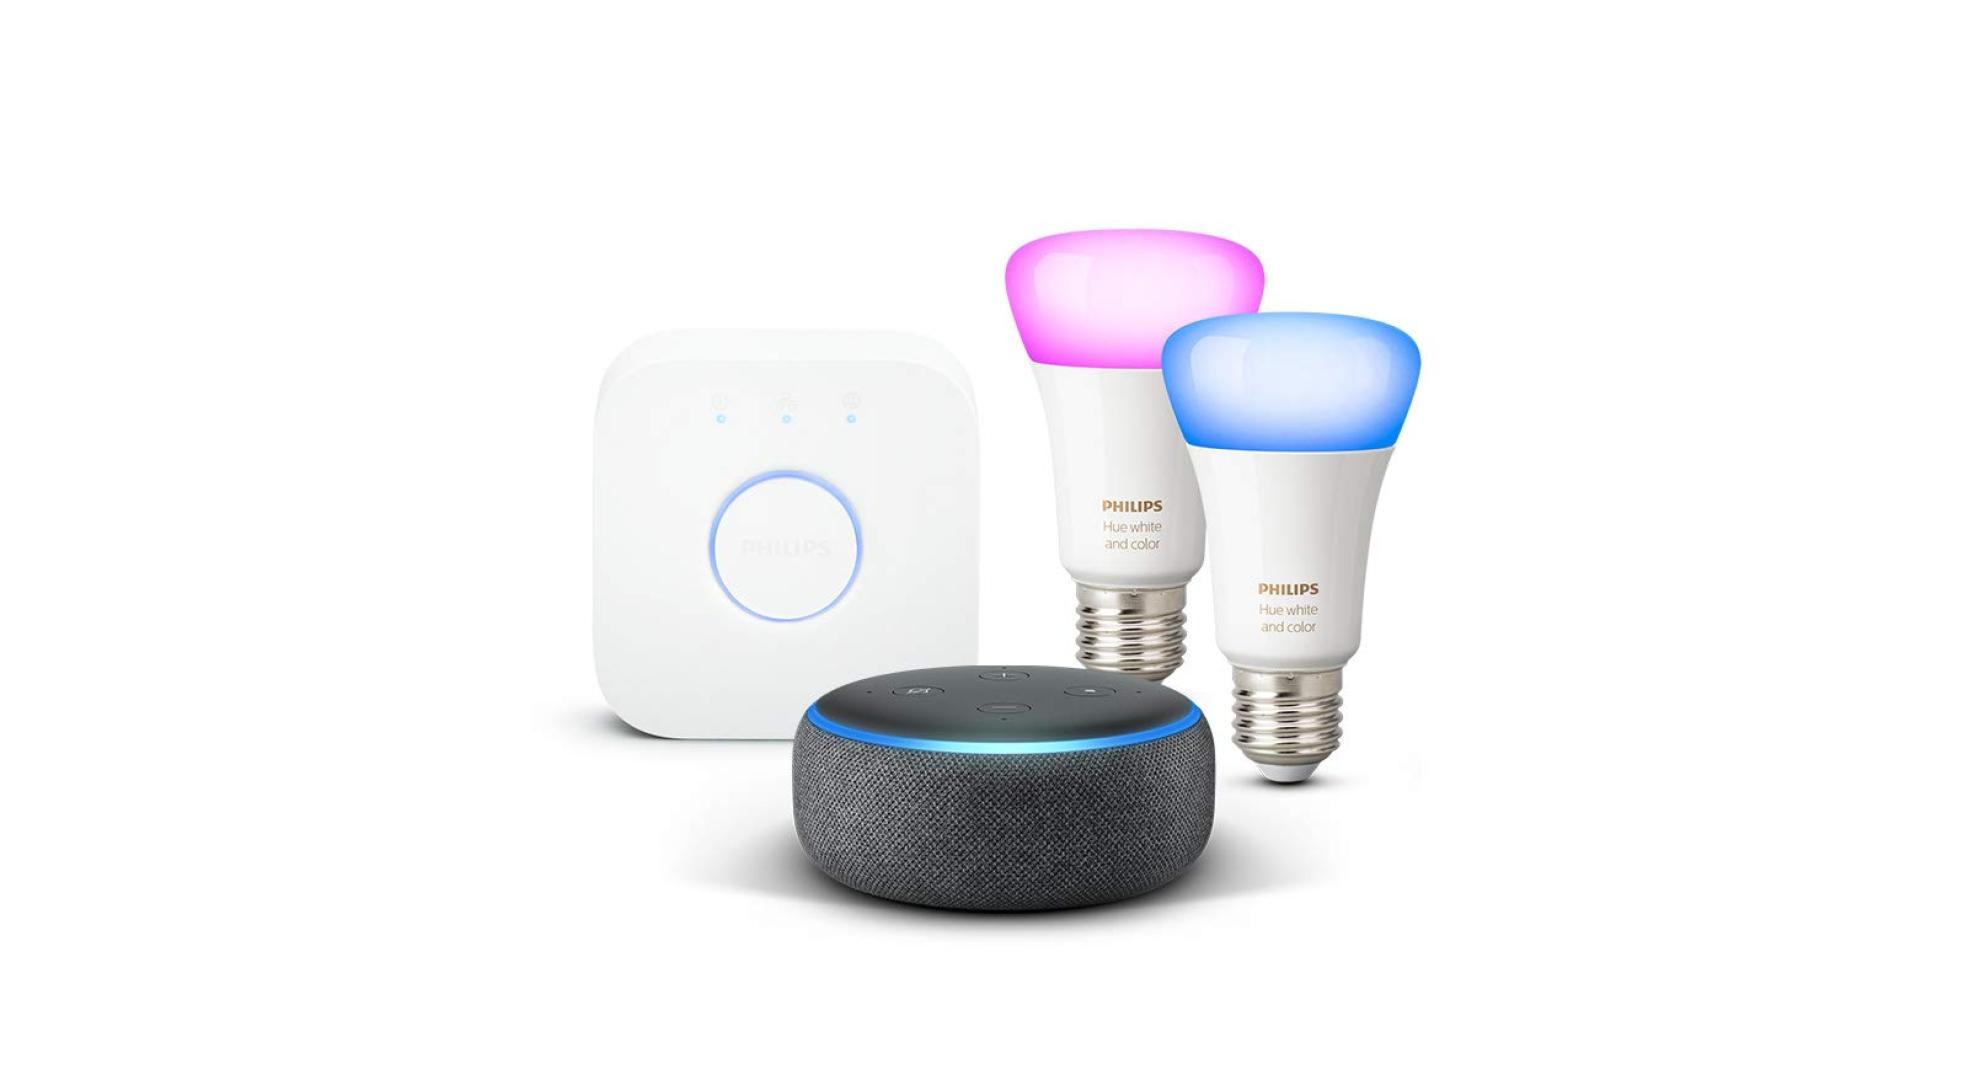 Echo Dot + Philips Hue à 114 euros, le combo parfait pour commencer la domotique